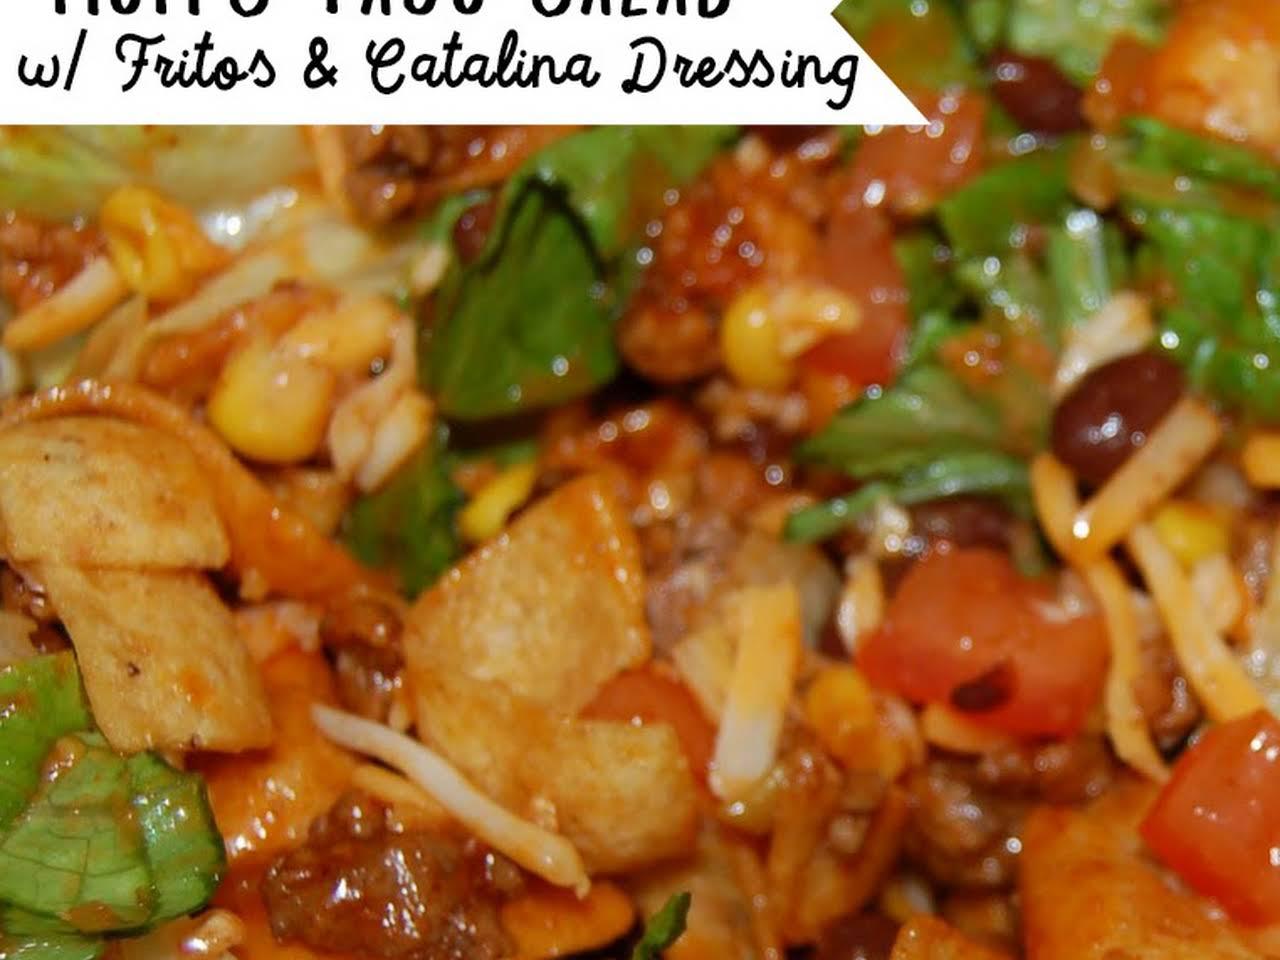 Taco Salad Recipes With Catalina Dressing